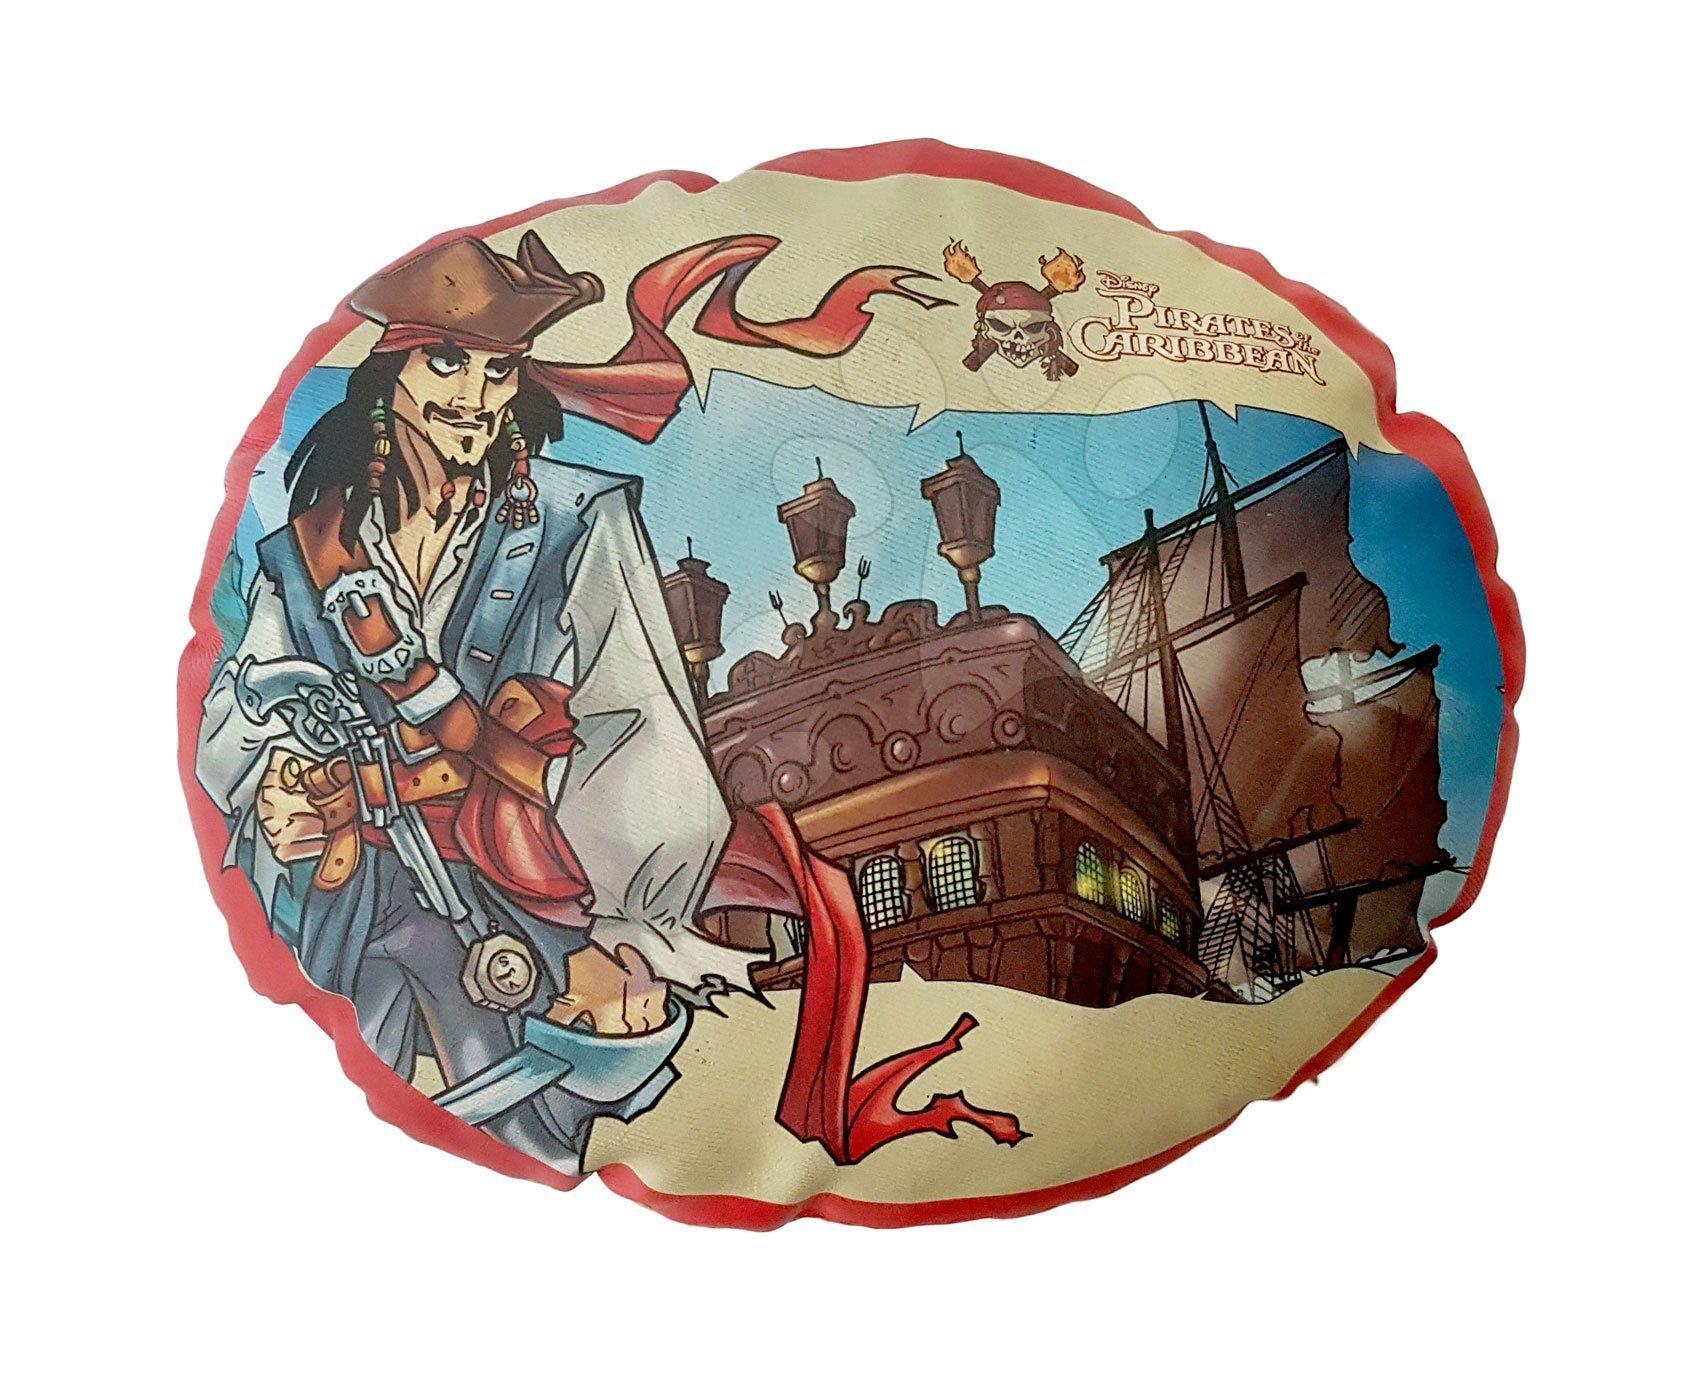 Pernă piraţi Ilanit roşu 16*14 cm